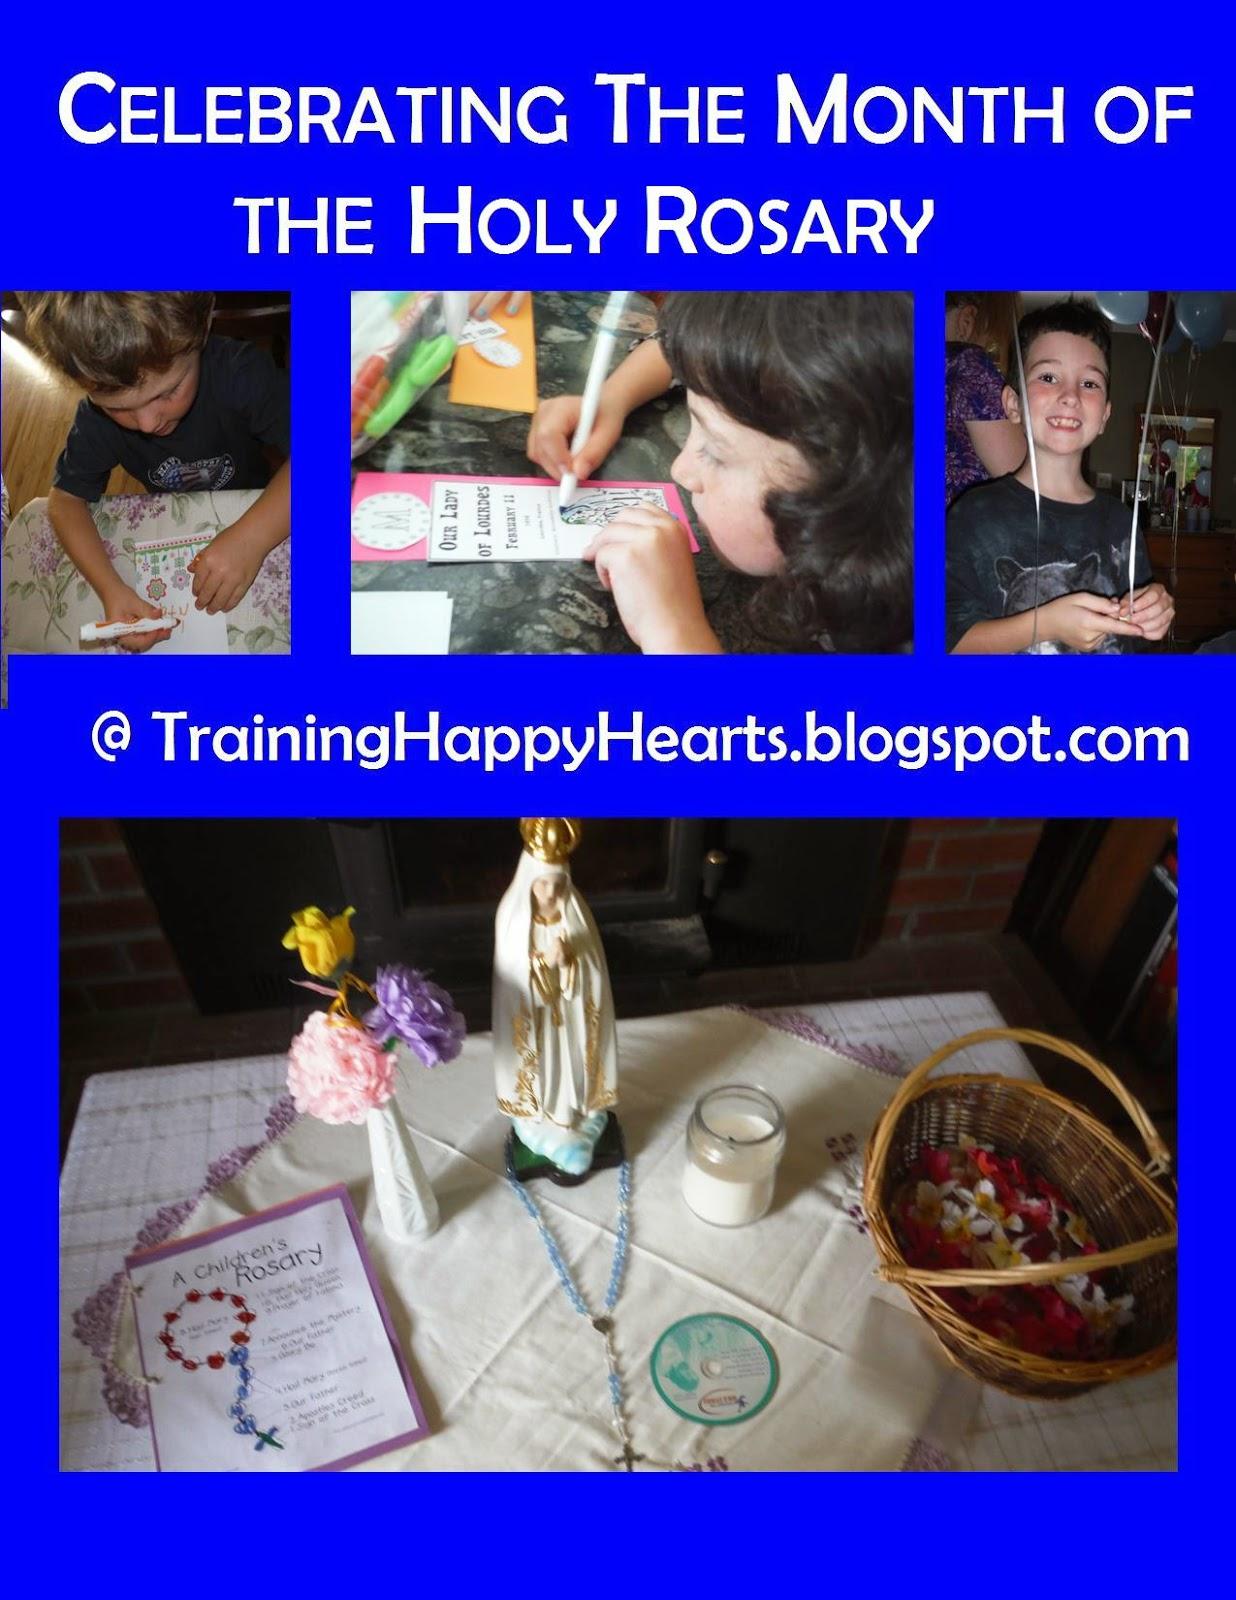 http://traininghappyhearts.blogspot.com/2014/10/how-to-enjoy-successful-rosary.html